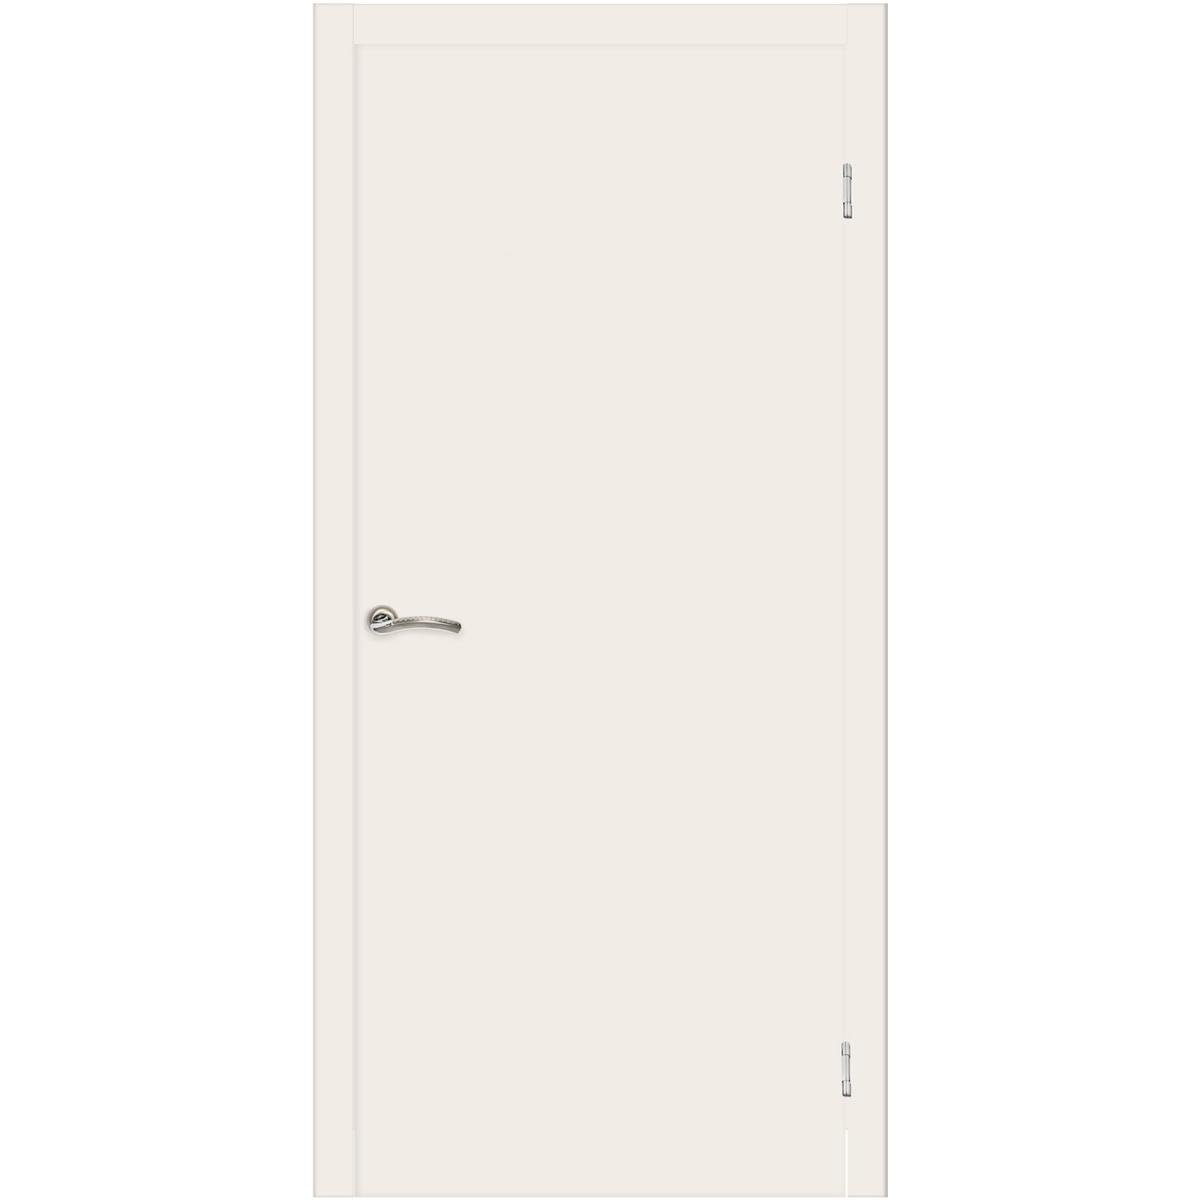 Дверь Межкомнатная Глухая 50x200 Ламинация Цвет Белый